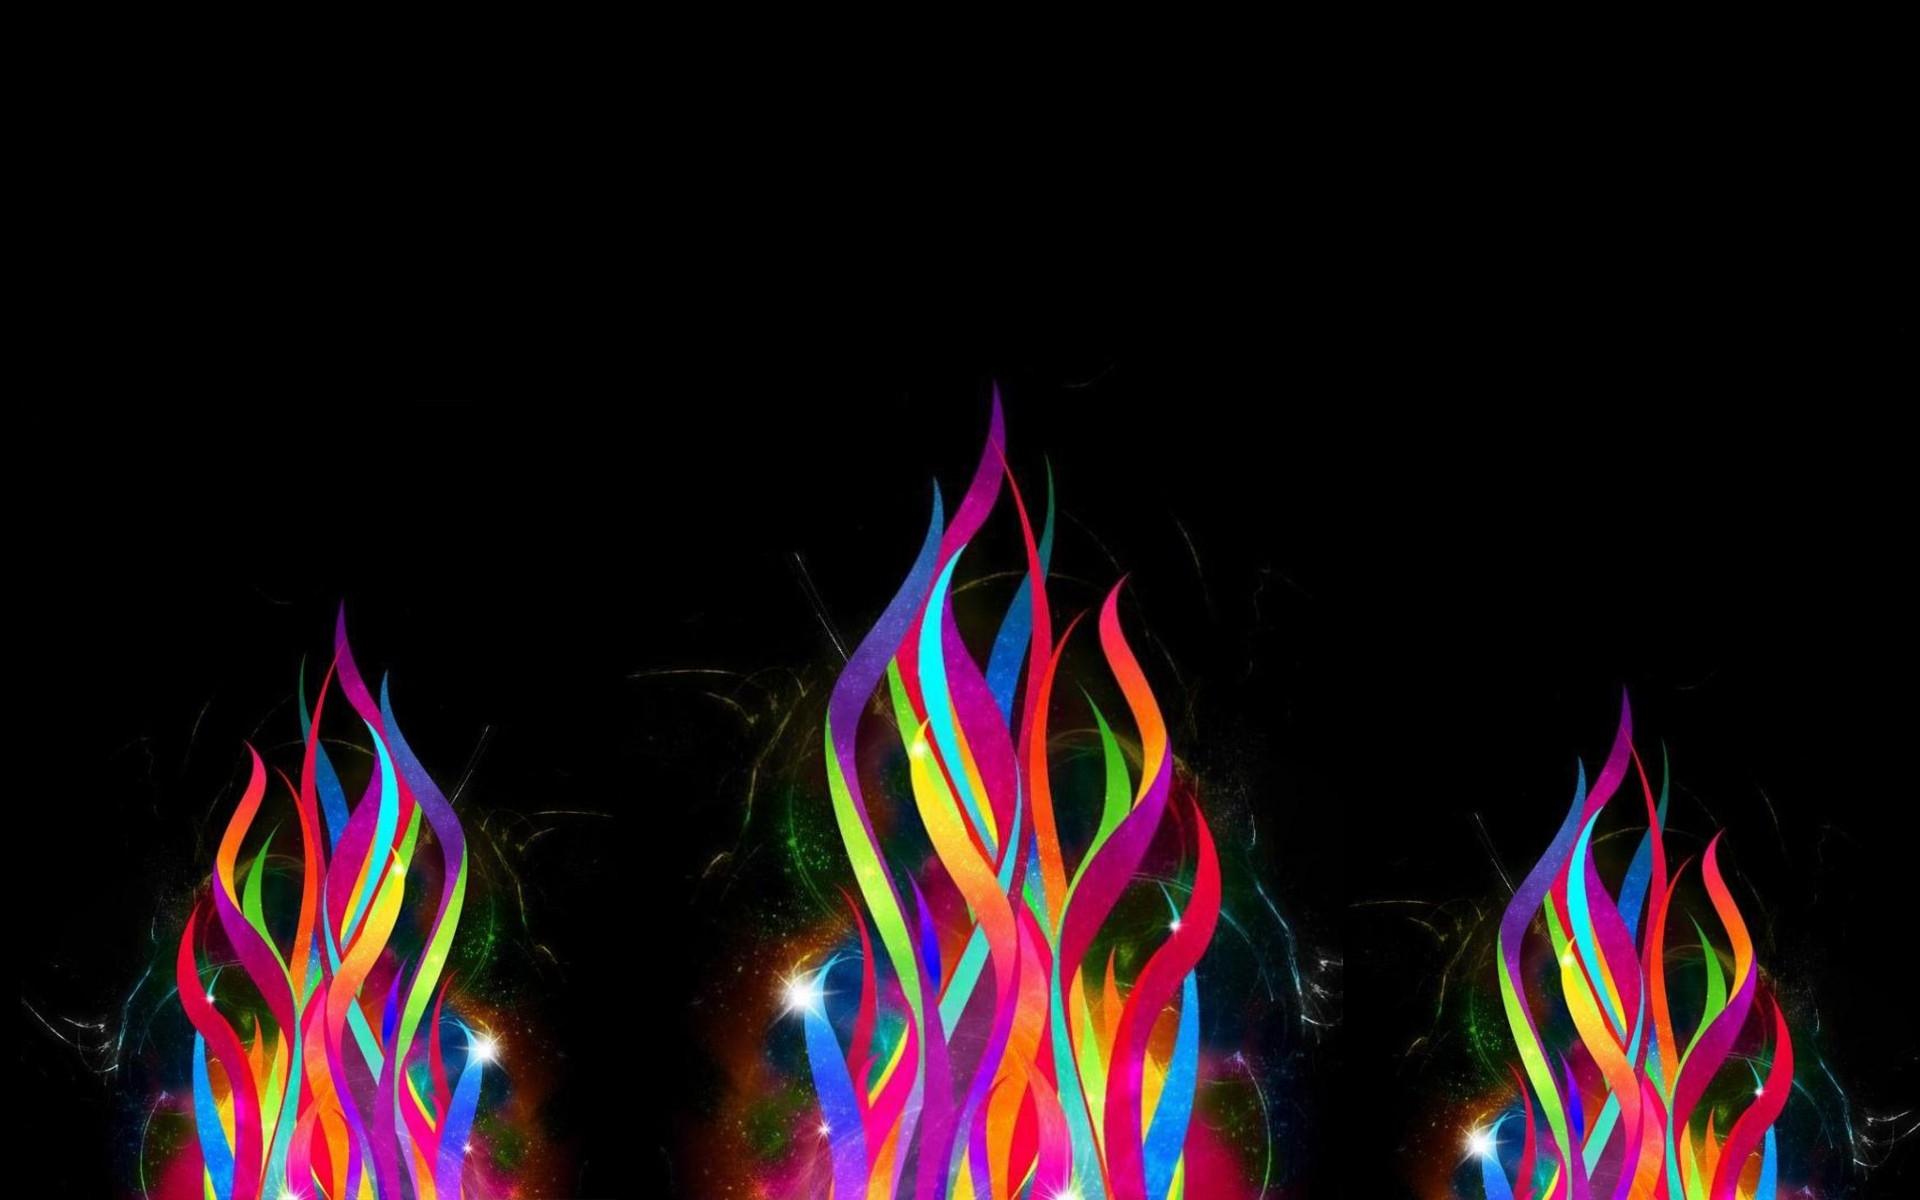 Яркое пламя картинки можете отправить